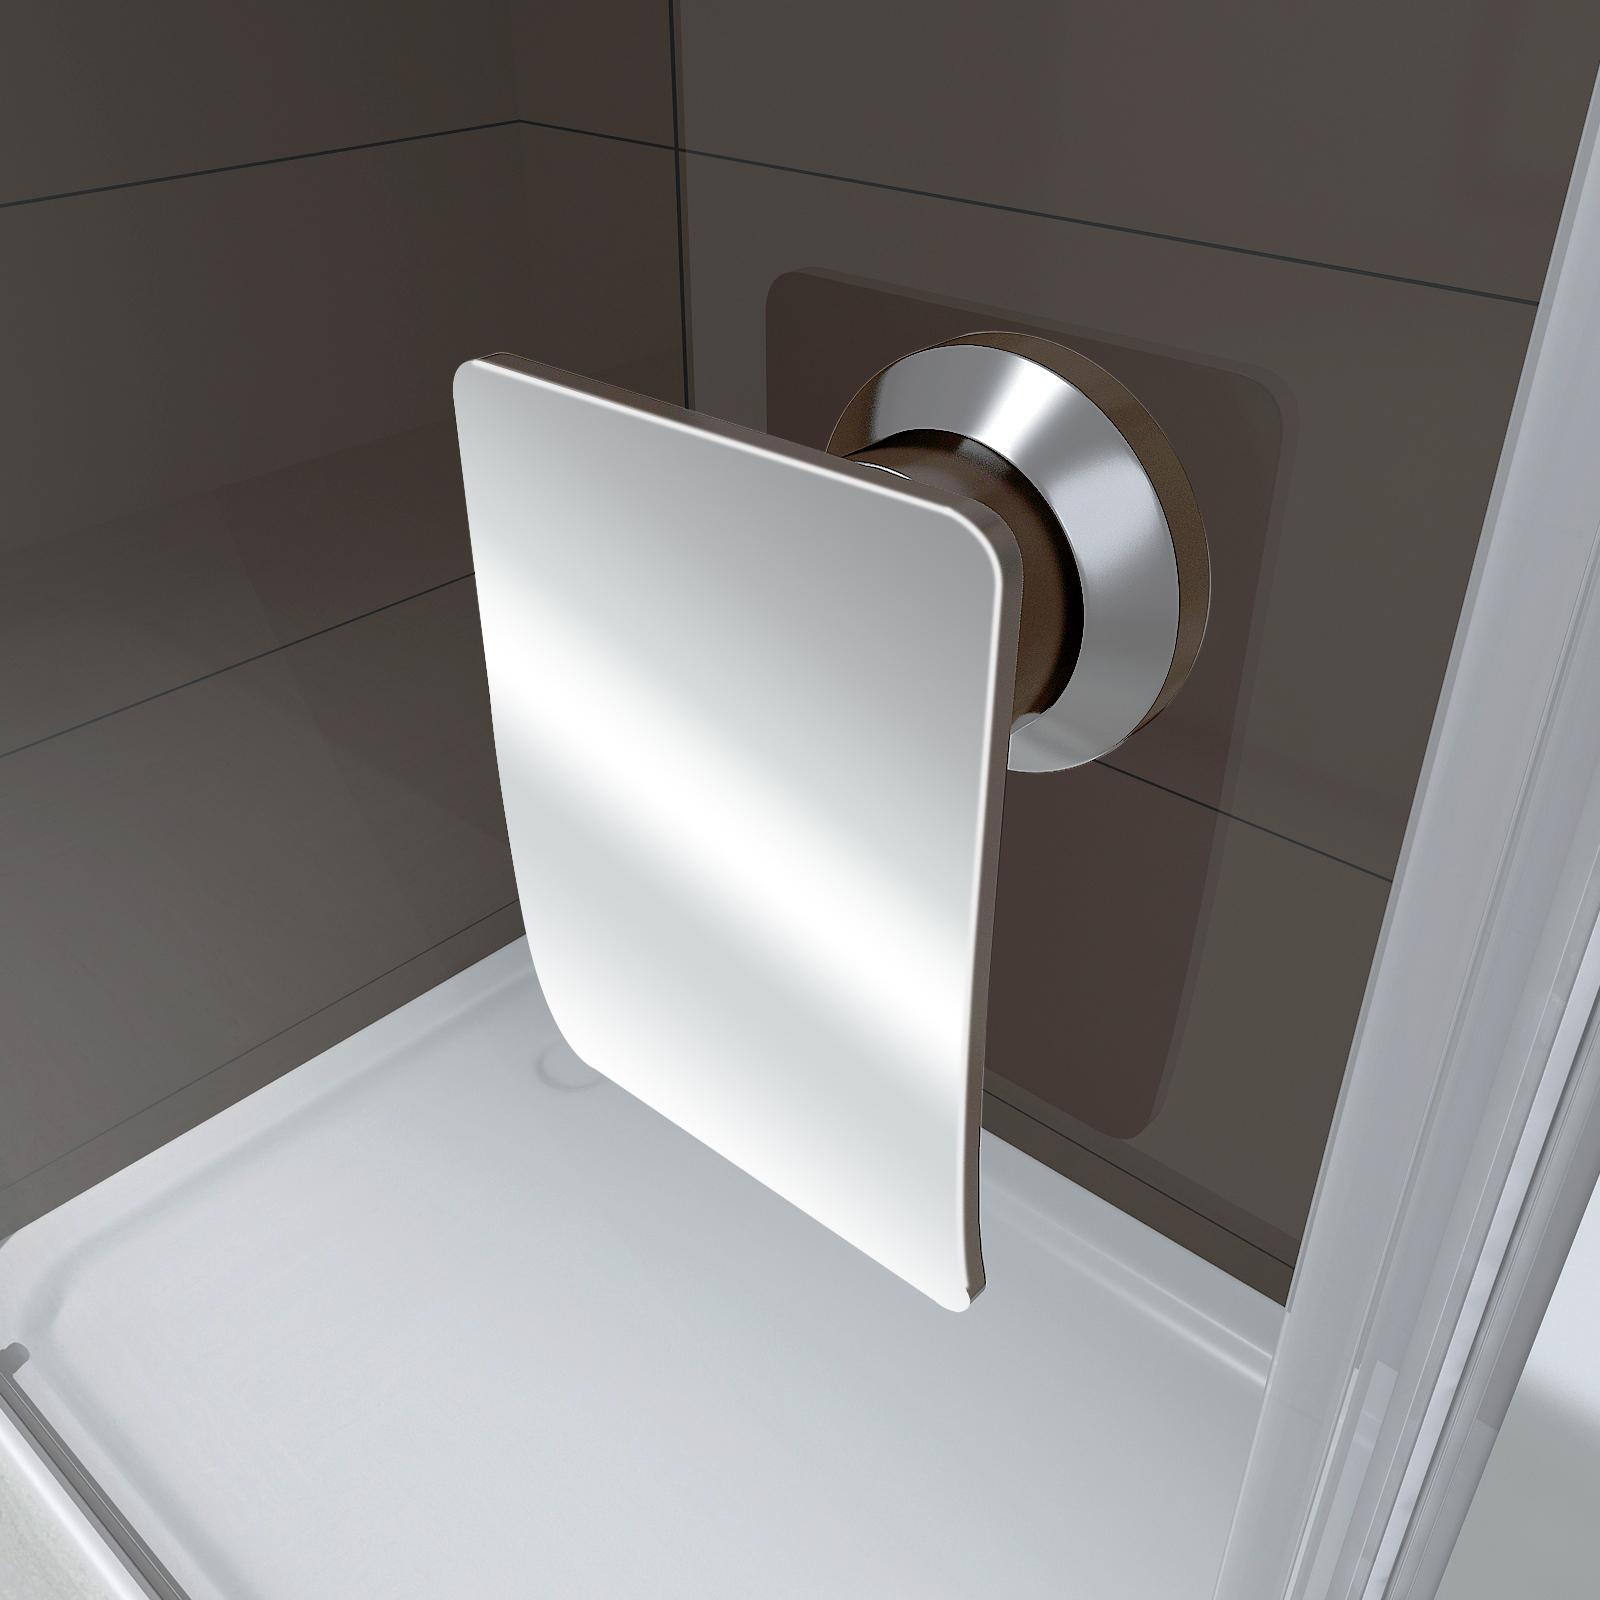 Nischent?r Dusche Verstellbar : Nische ? Nischent?r Dusche EX306BW ? Klarglas ? Breite w?hlbar